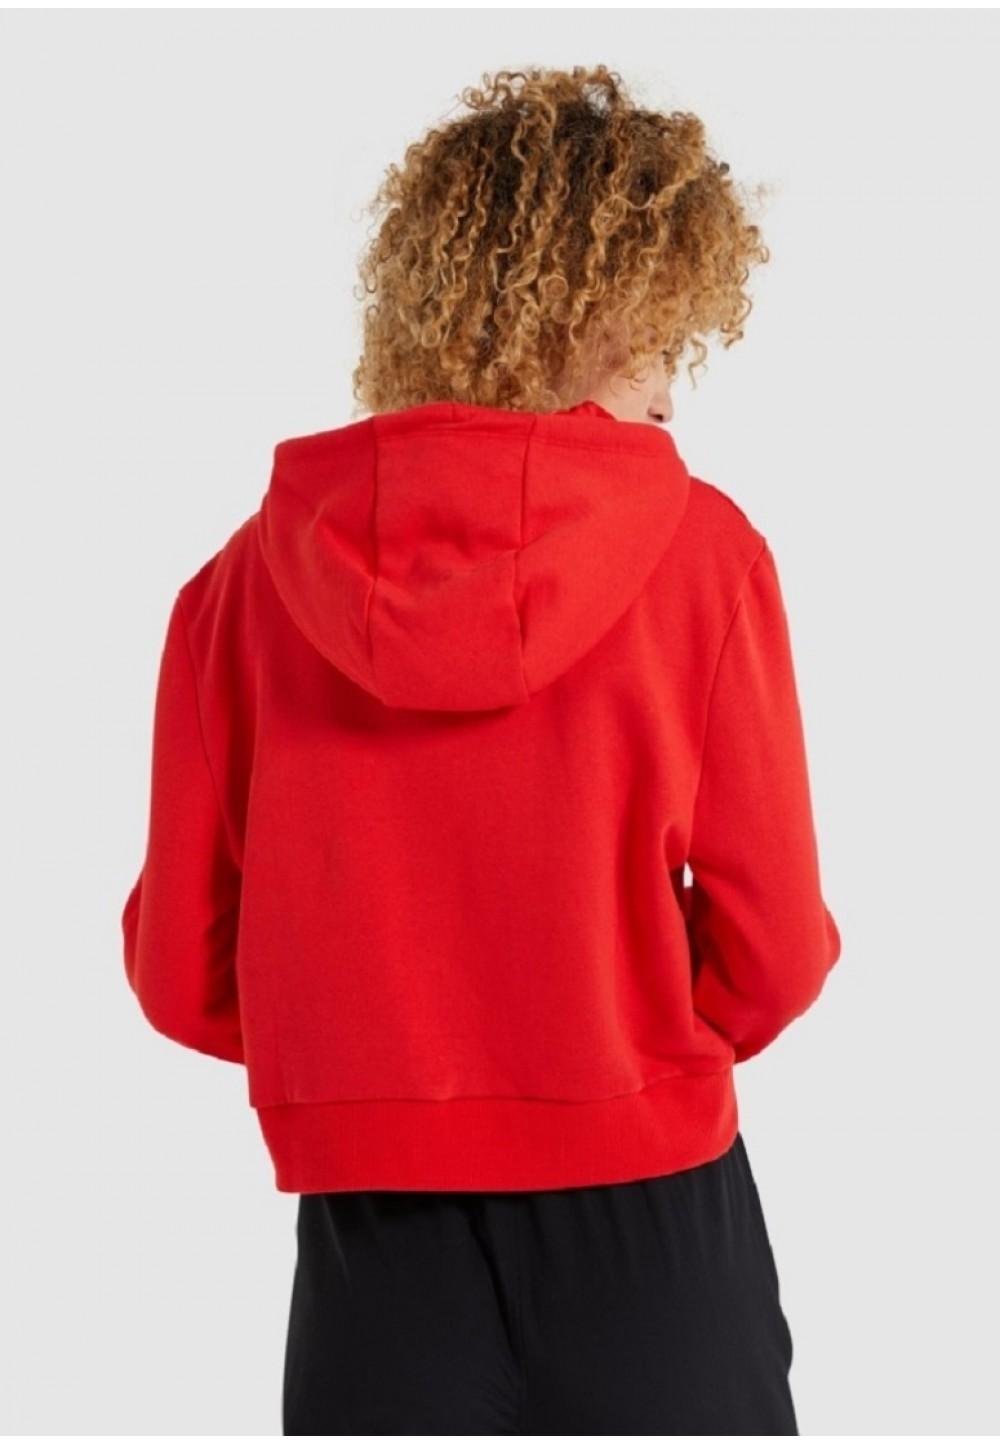 Червоний худі Toma з райдужним логотипом